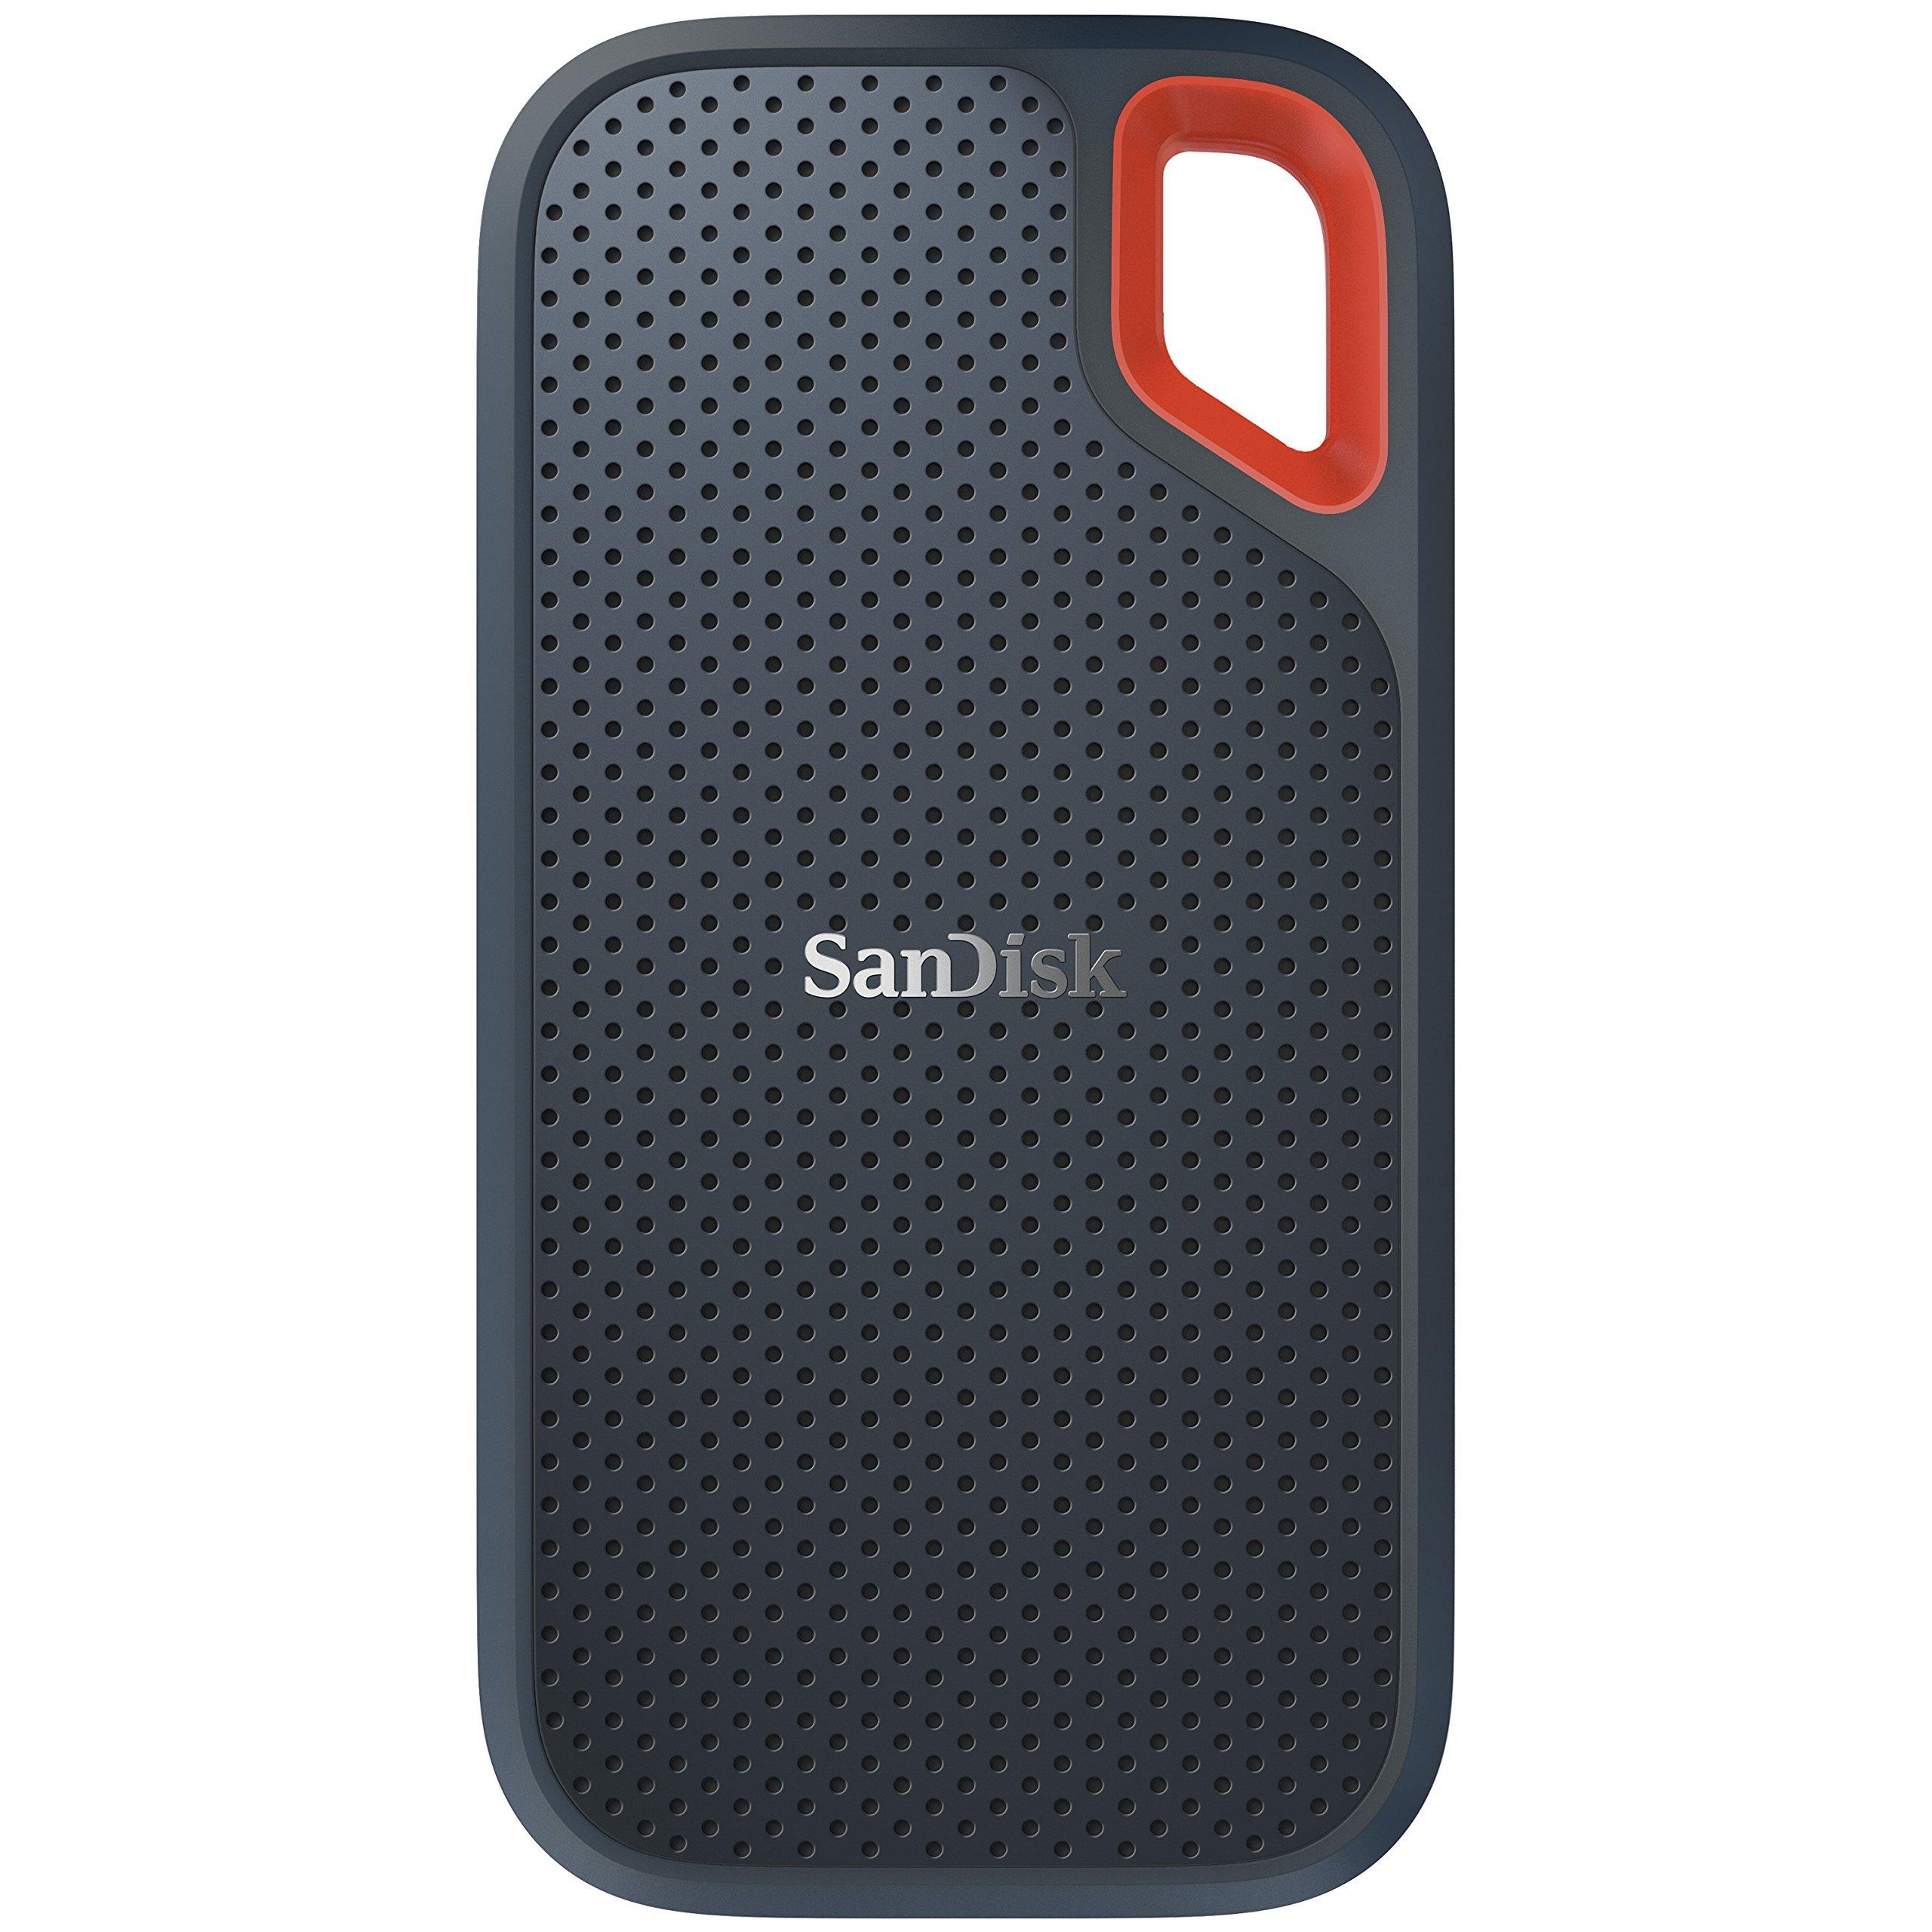 SanDisk Extreme – Portable SSD y hasta 550 MB/s de Velocidad de Lectura